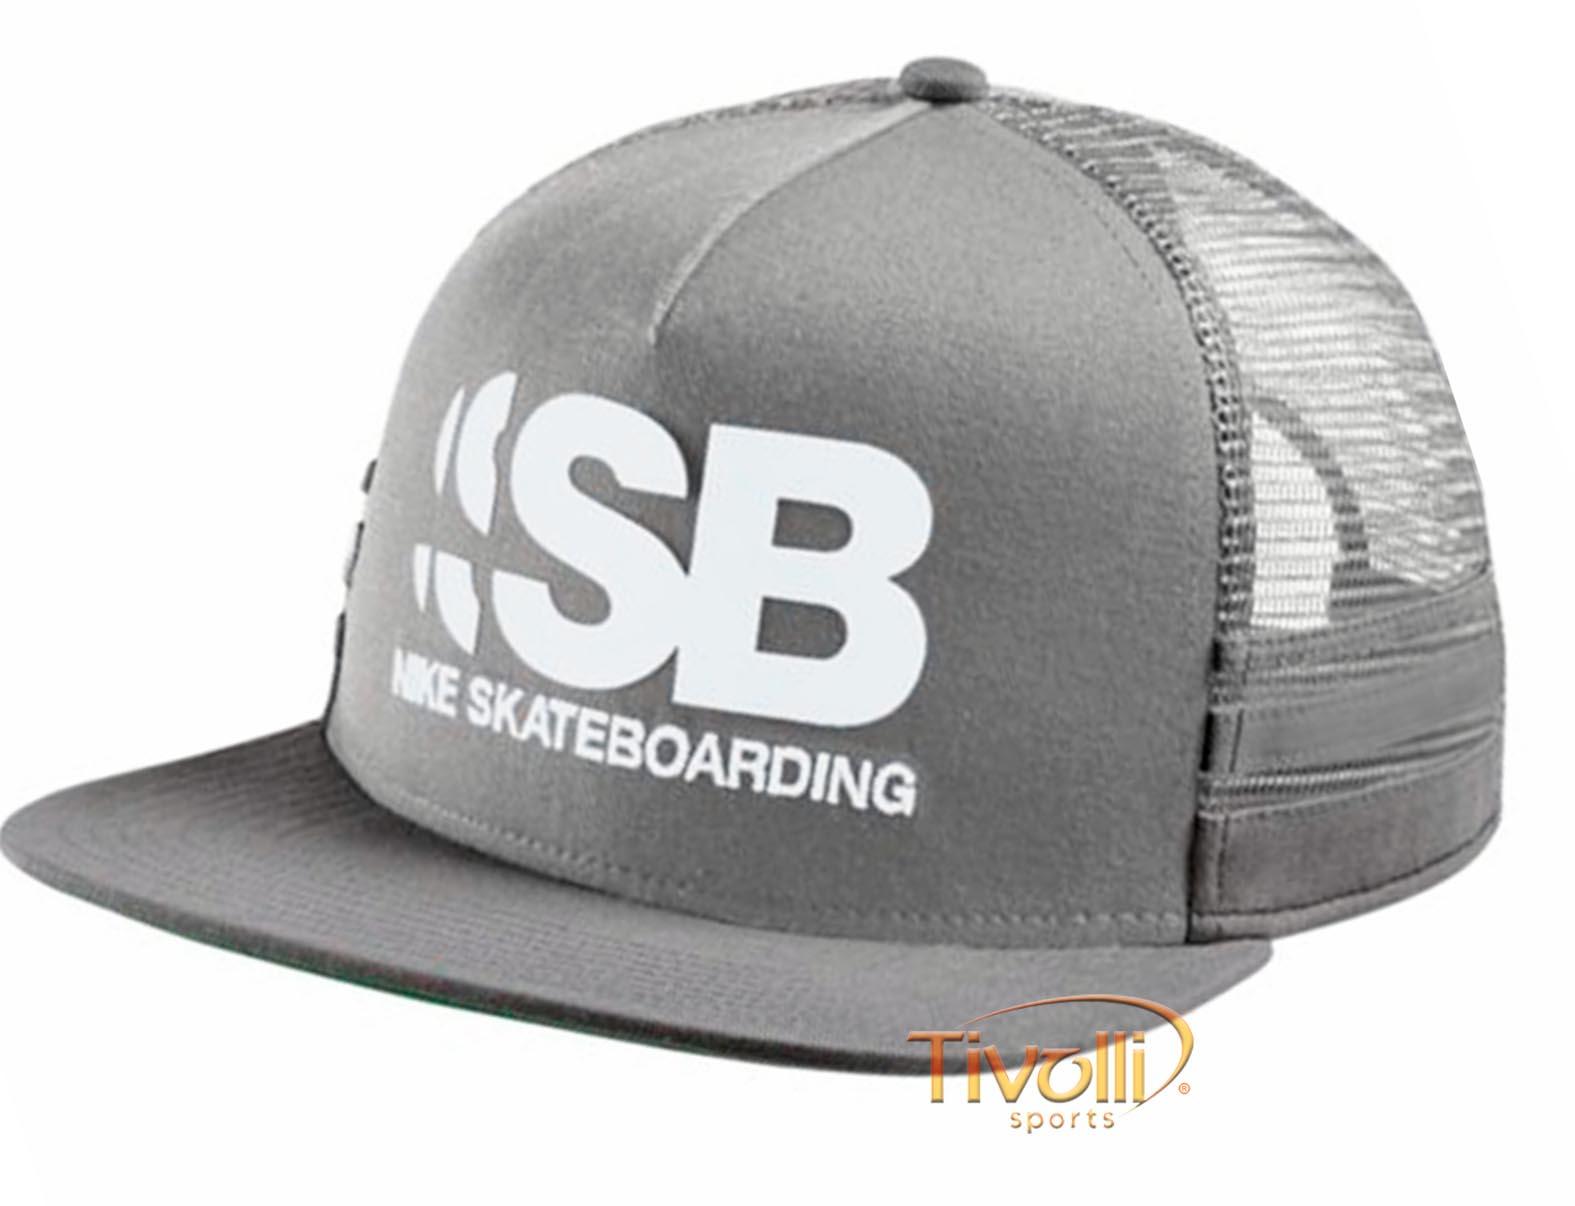 30482e534d Boné Nike SB Cut Trucker Adjustable > Cinza Claro e Escuro >